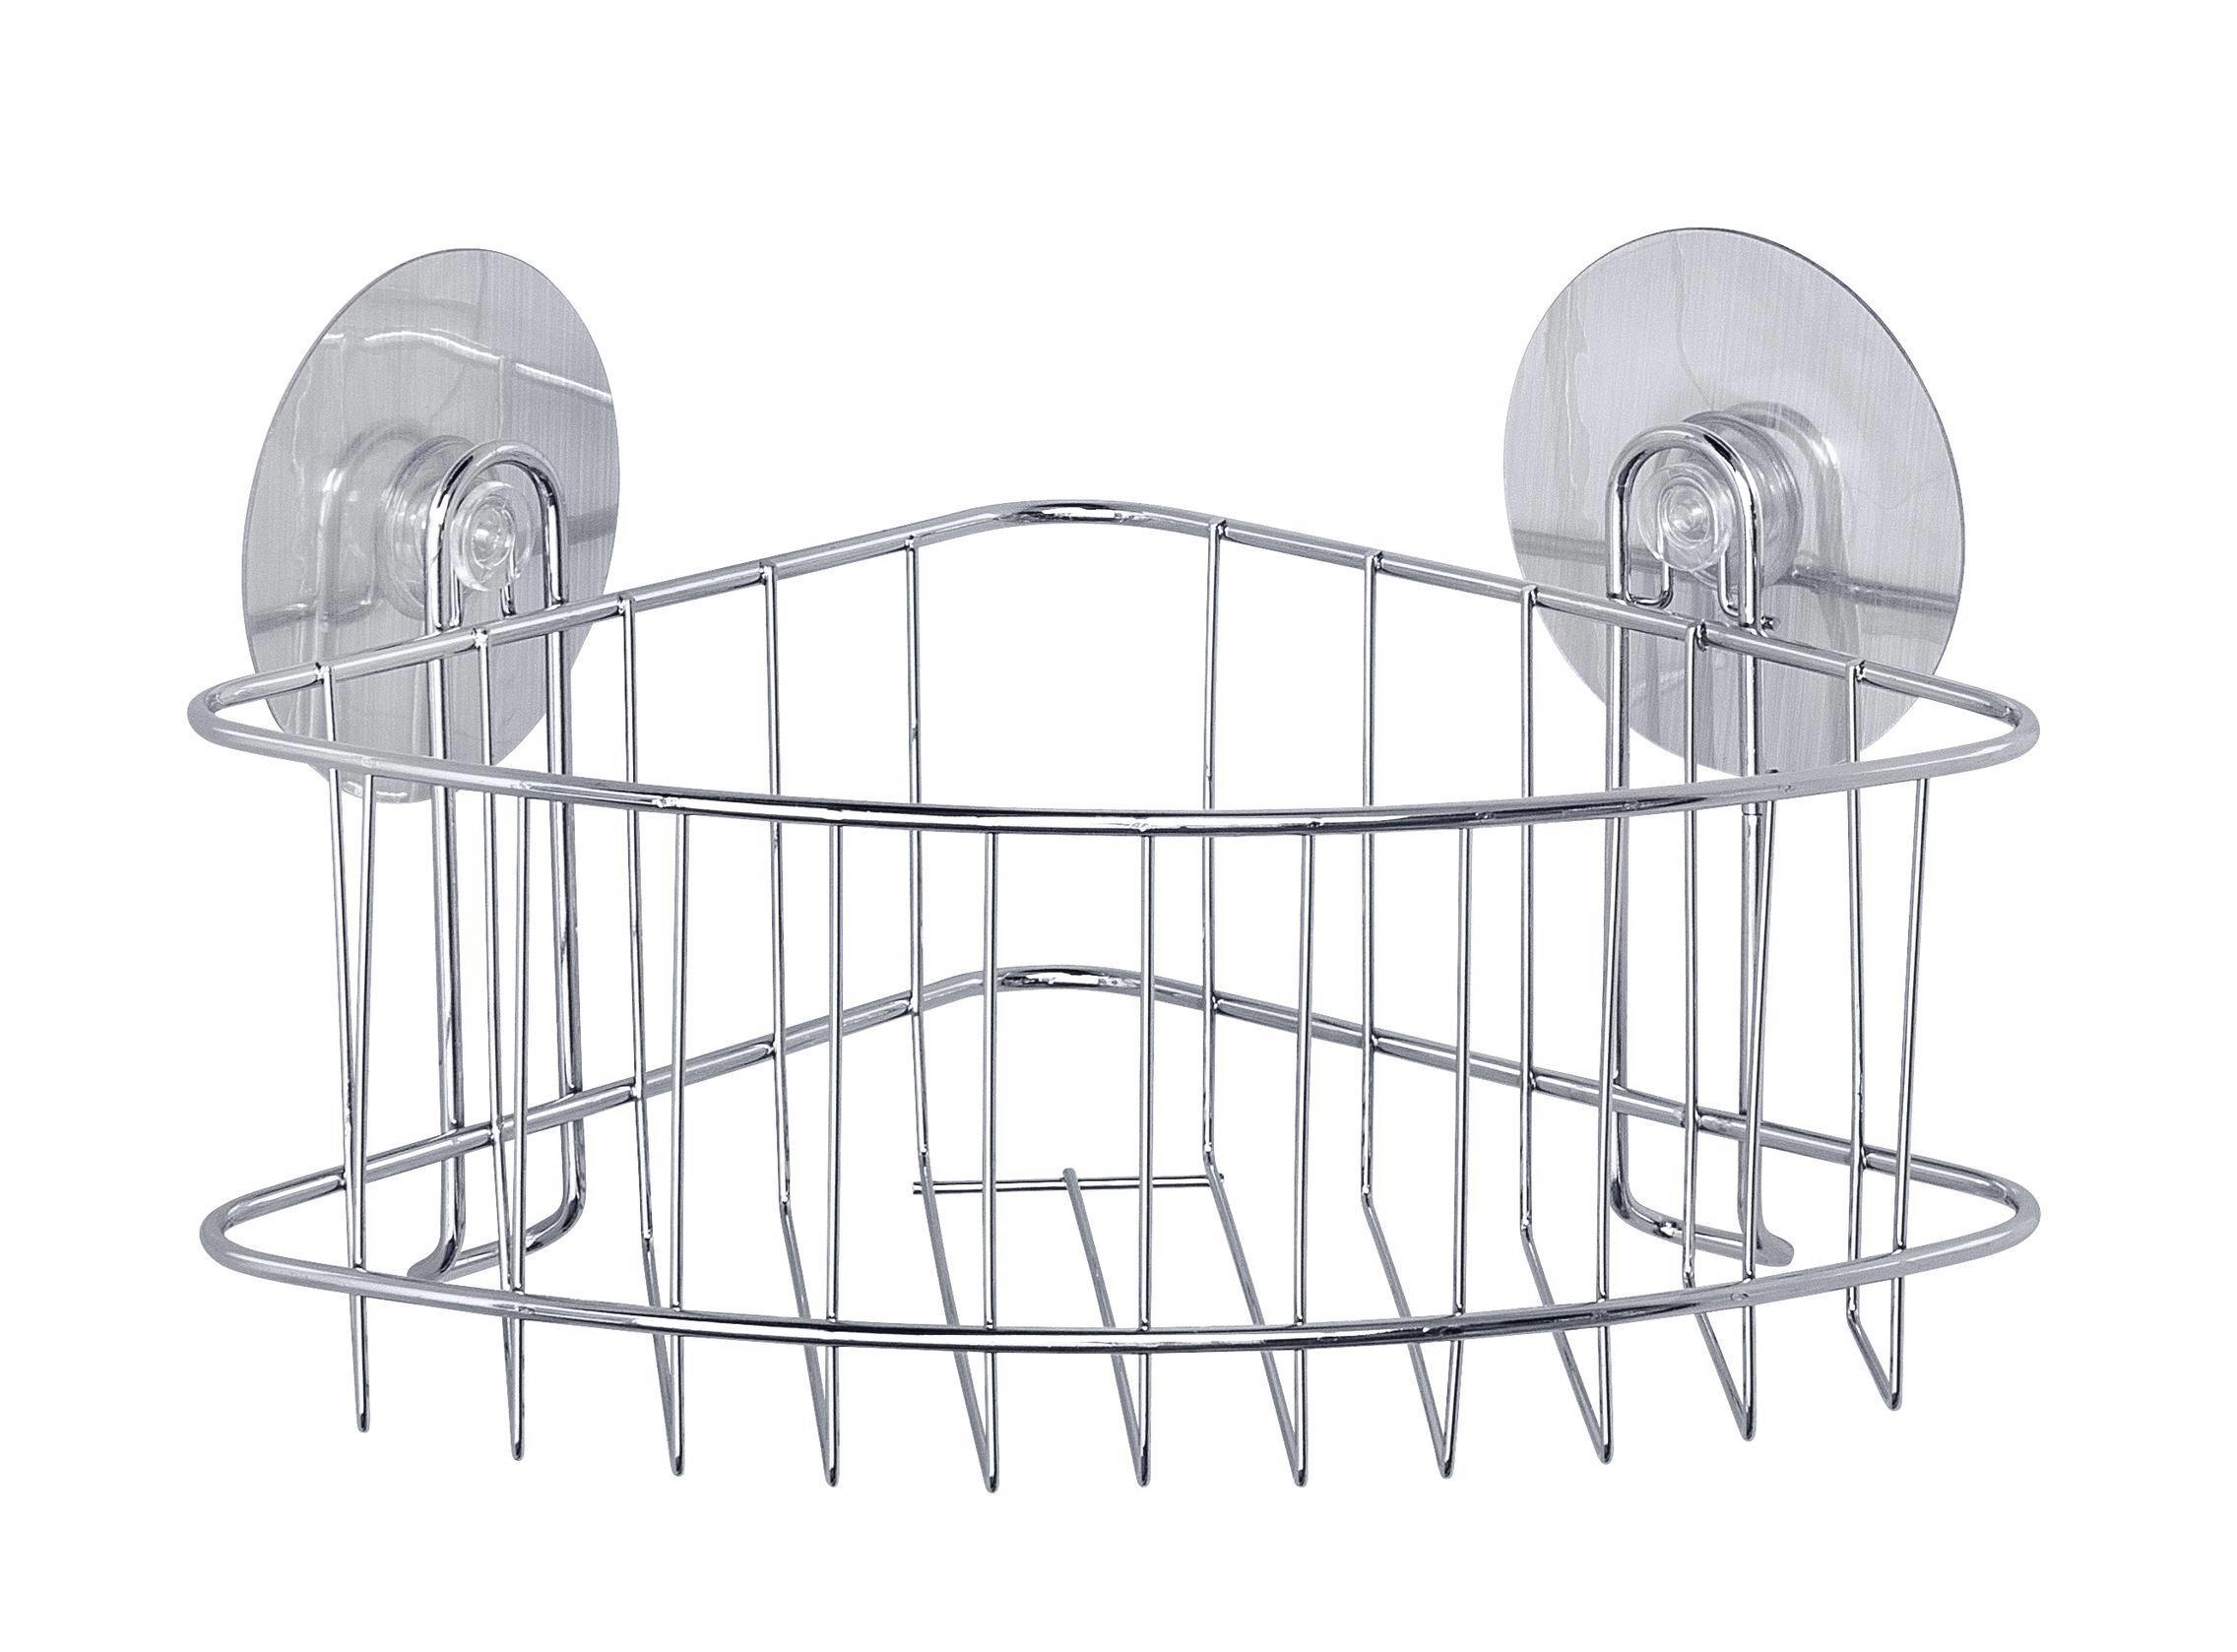 Duschregal aus Stahl - MODERN, Metall (26,5/16/19cm) - MÖMAX modern living